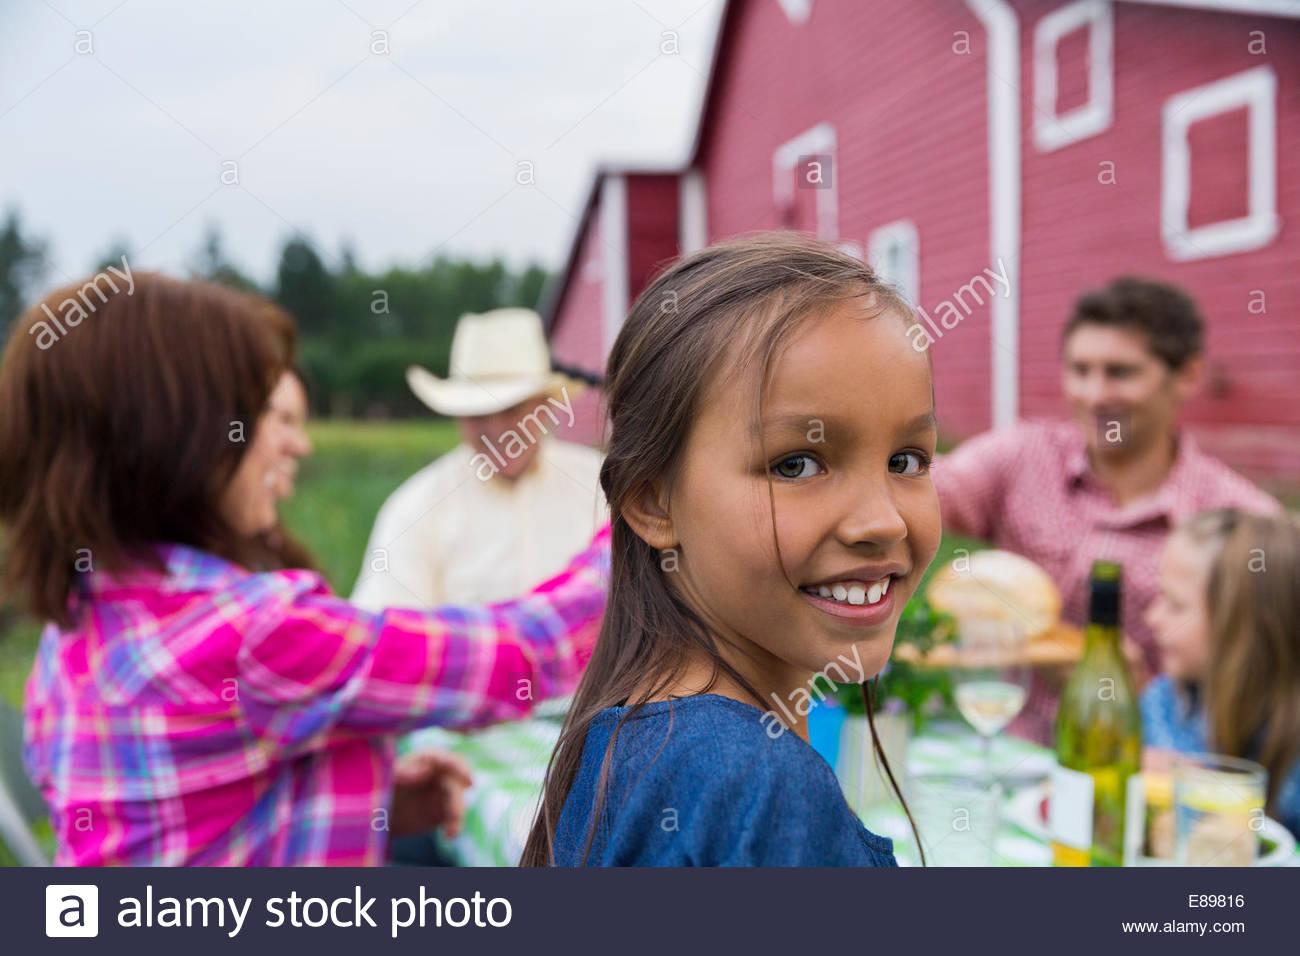 Portrait of girl enjoying family dinner outside barn - Stock Image